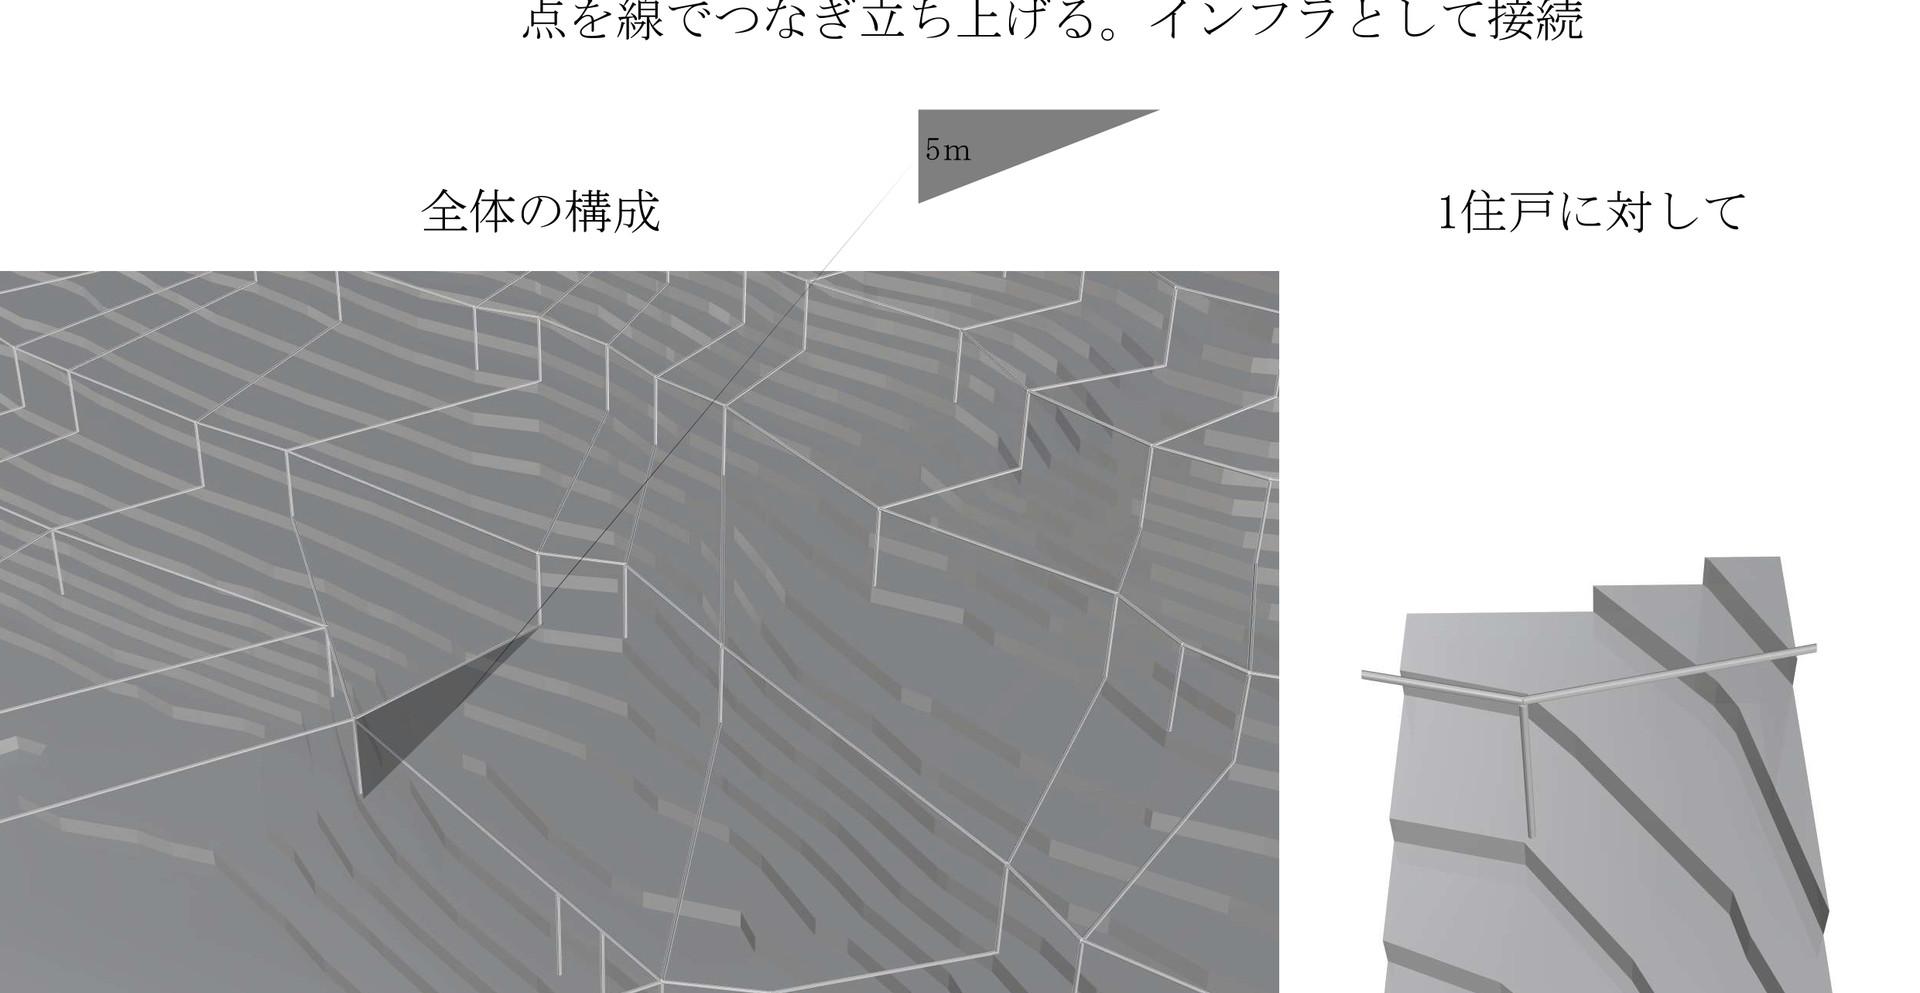 井川日生李 08.jpg